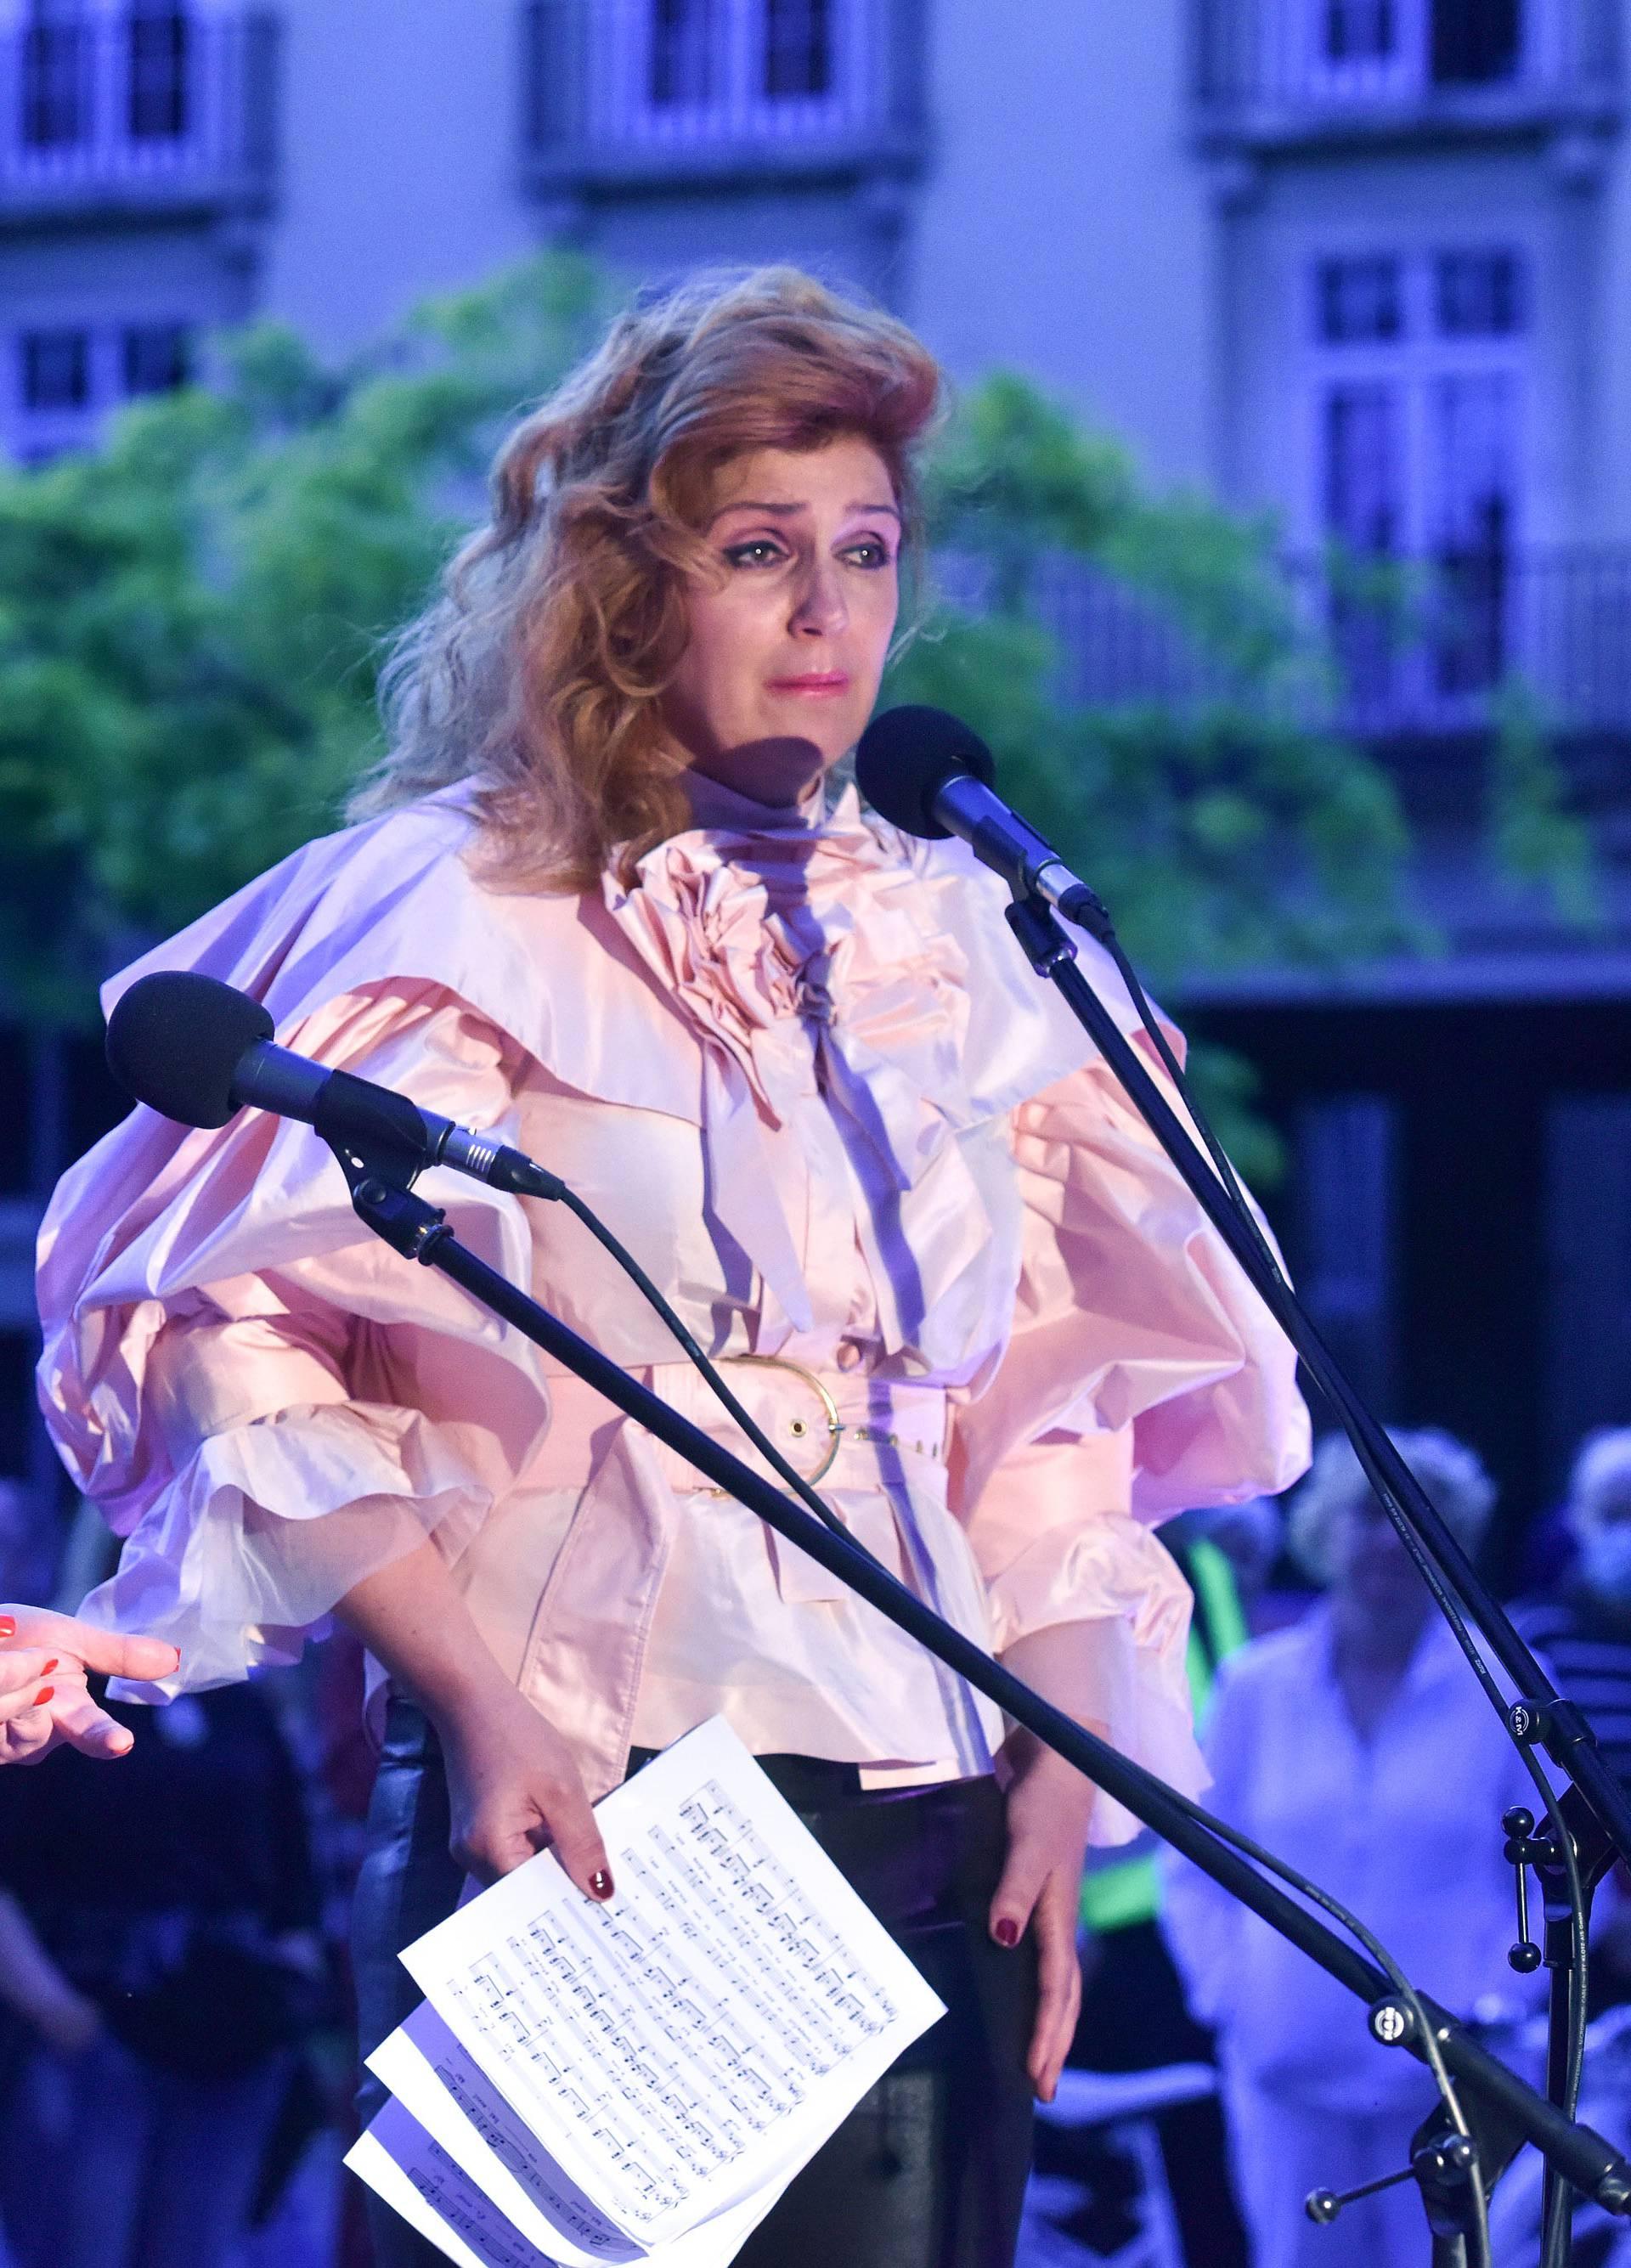 Zagreb: HNK u vašem kvartu - za građane koncert na otvorenom izvele operne pjevačice